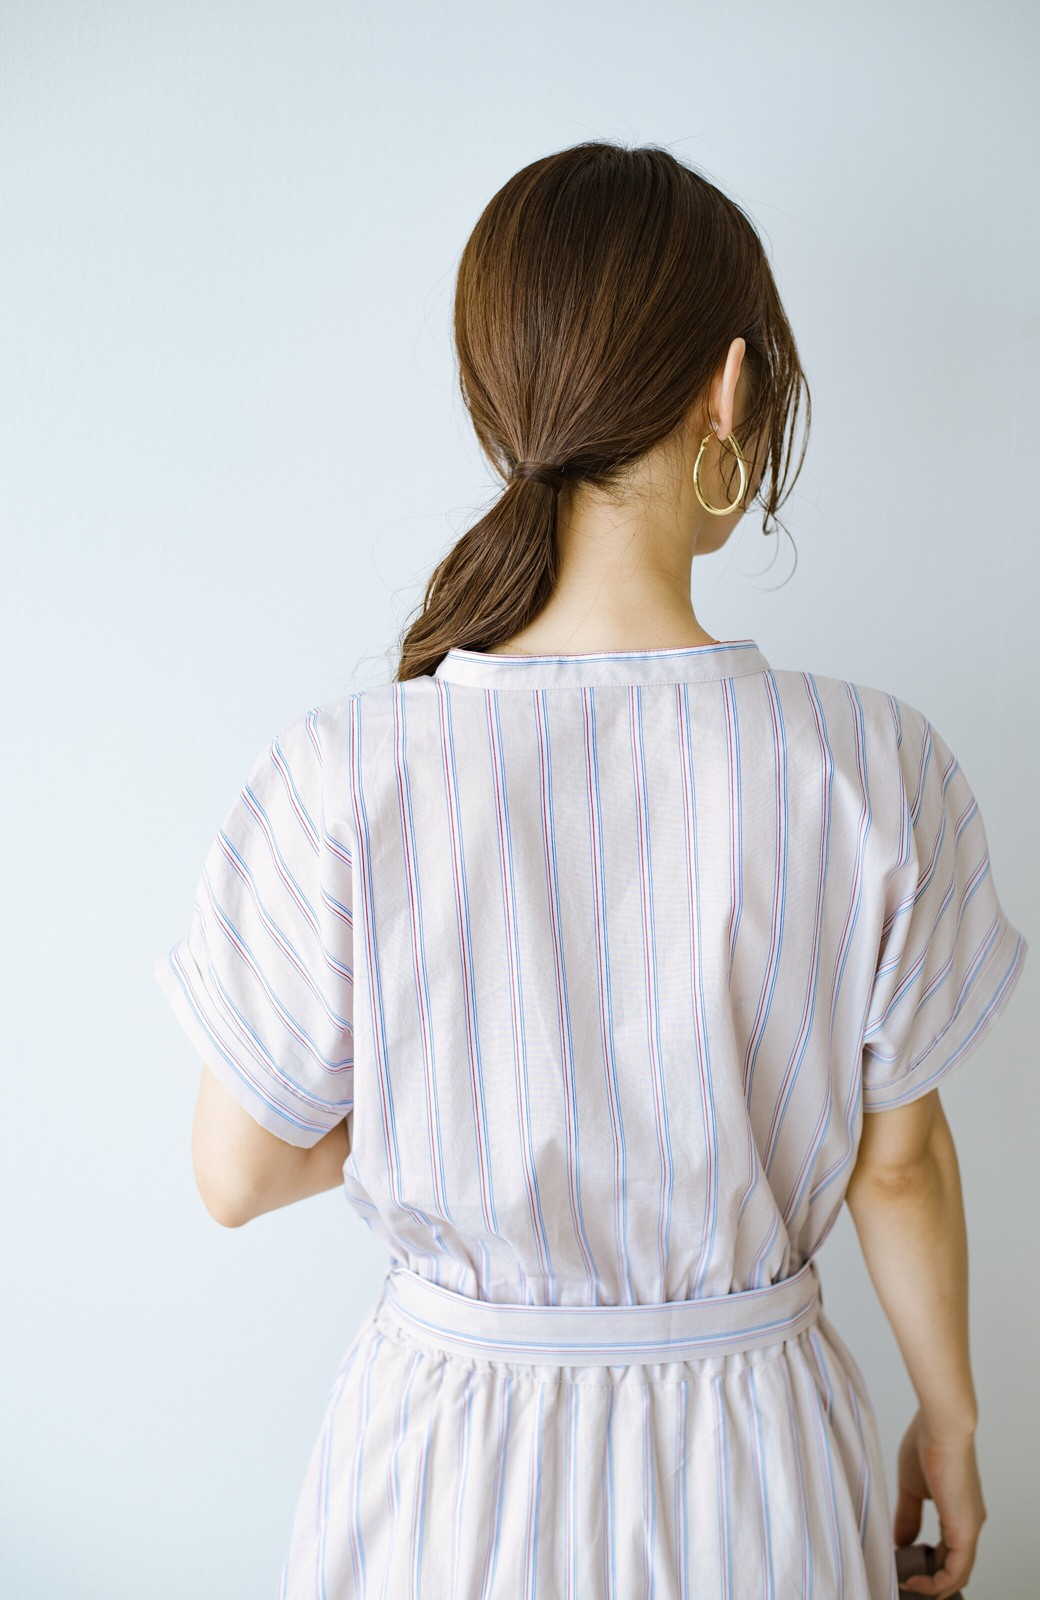 haco! お仕事にもデートにも!ウエストリボンで印象チェンジできるシャツワンピース <ストライプ>の商品写真7